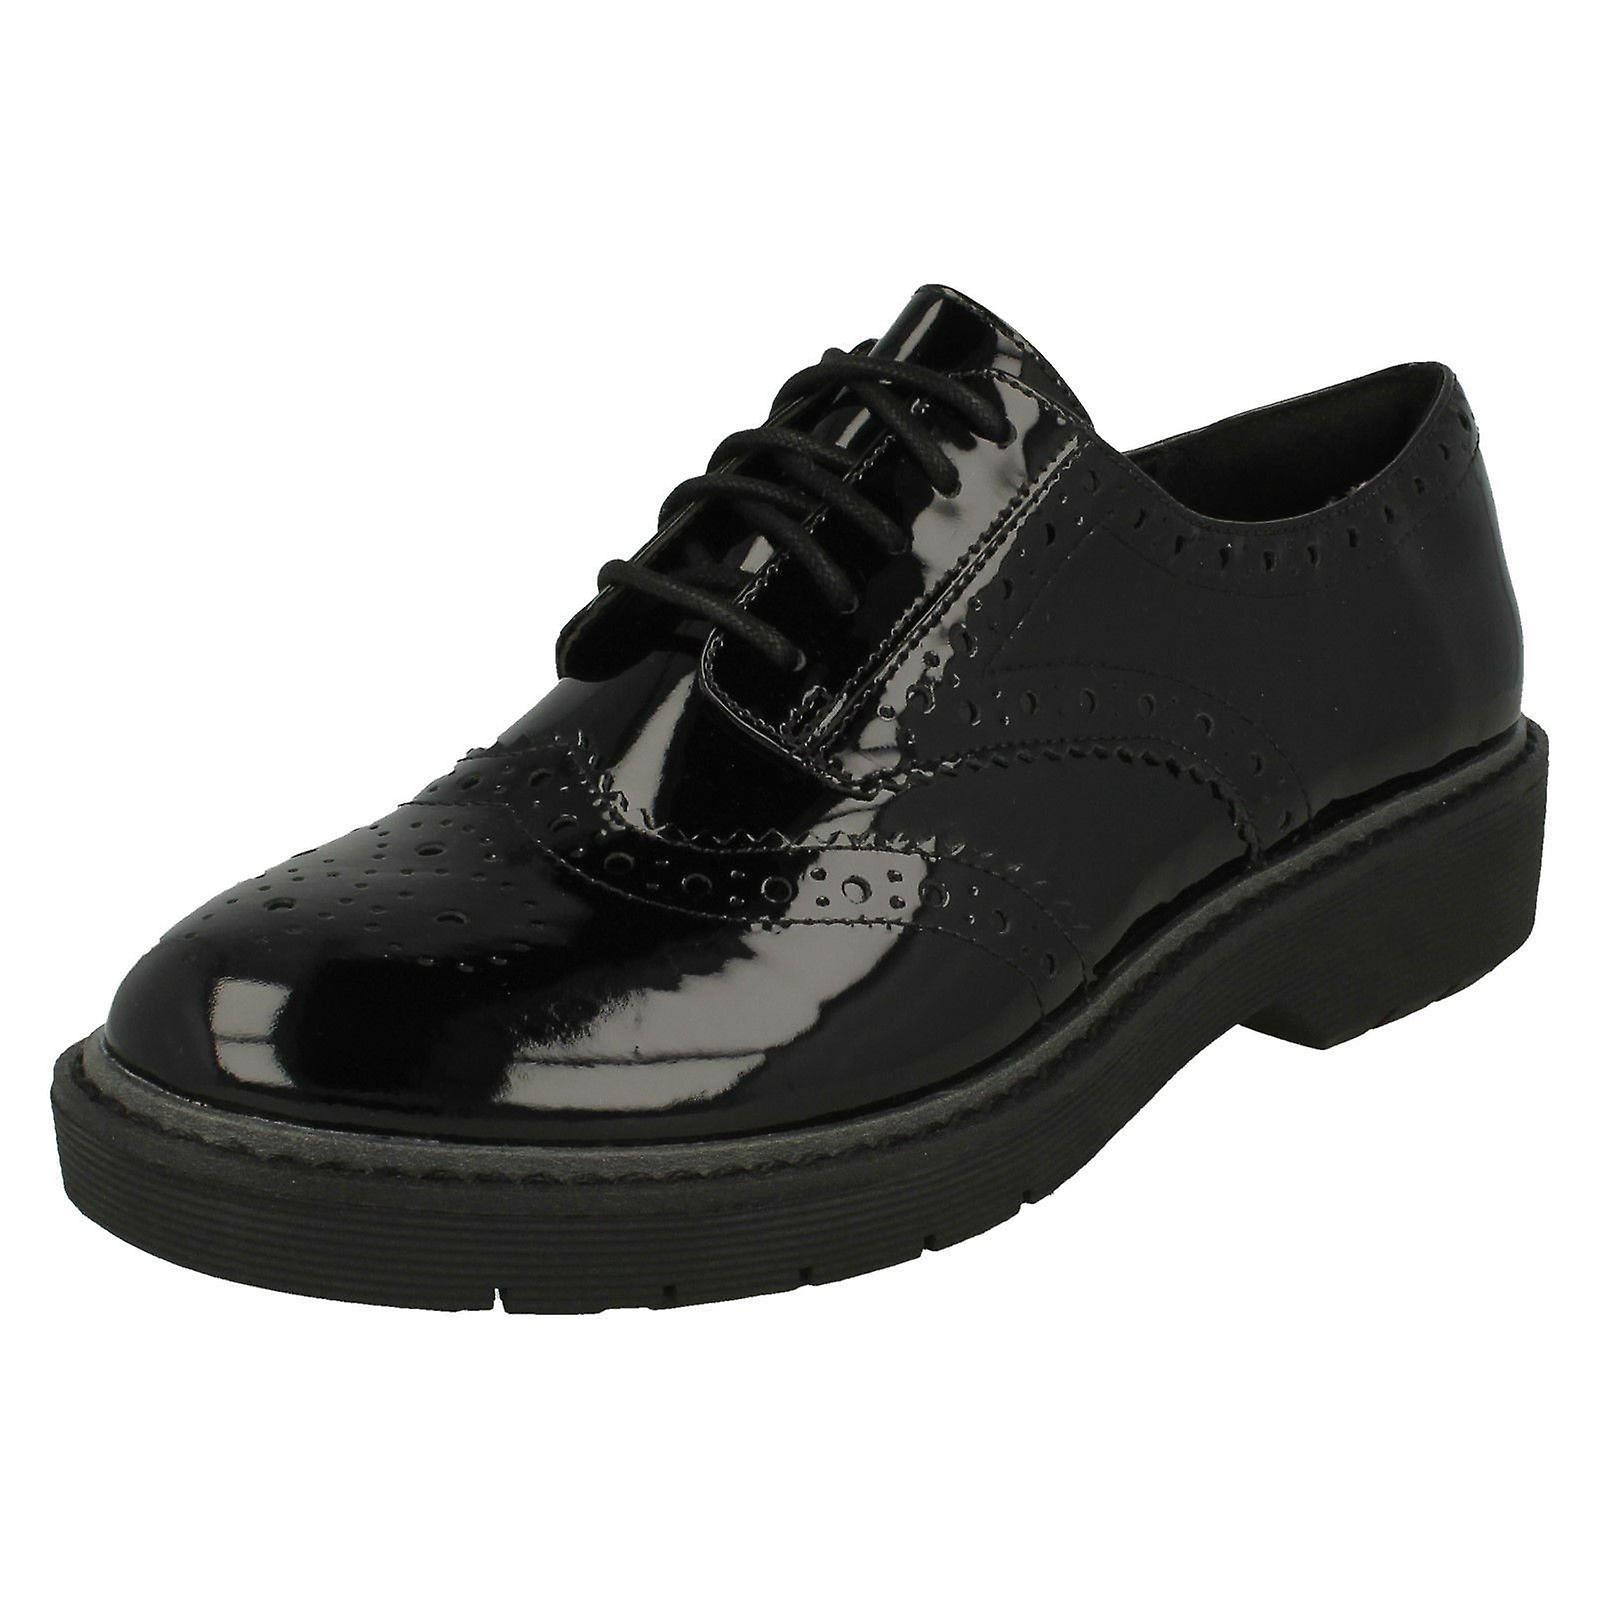 Clarks damskie zasznurować buty Alexa Darcy mitFQ